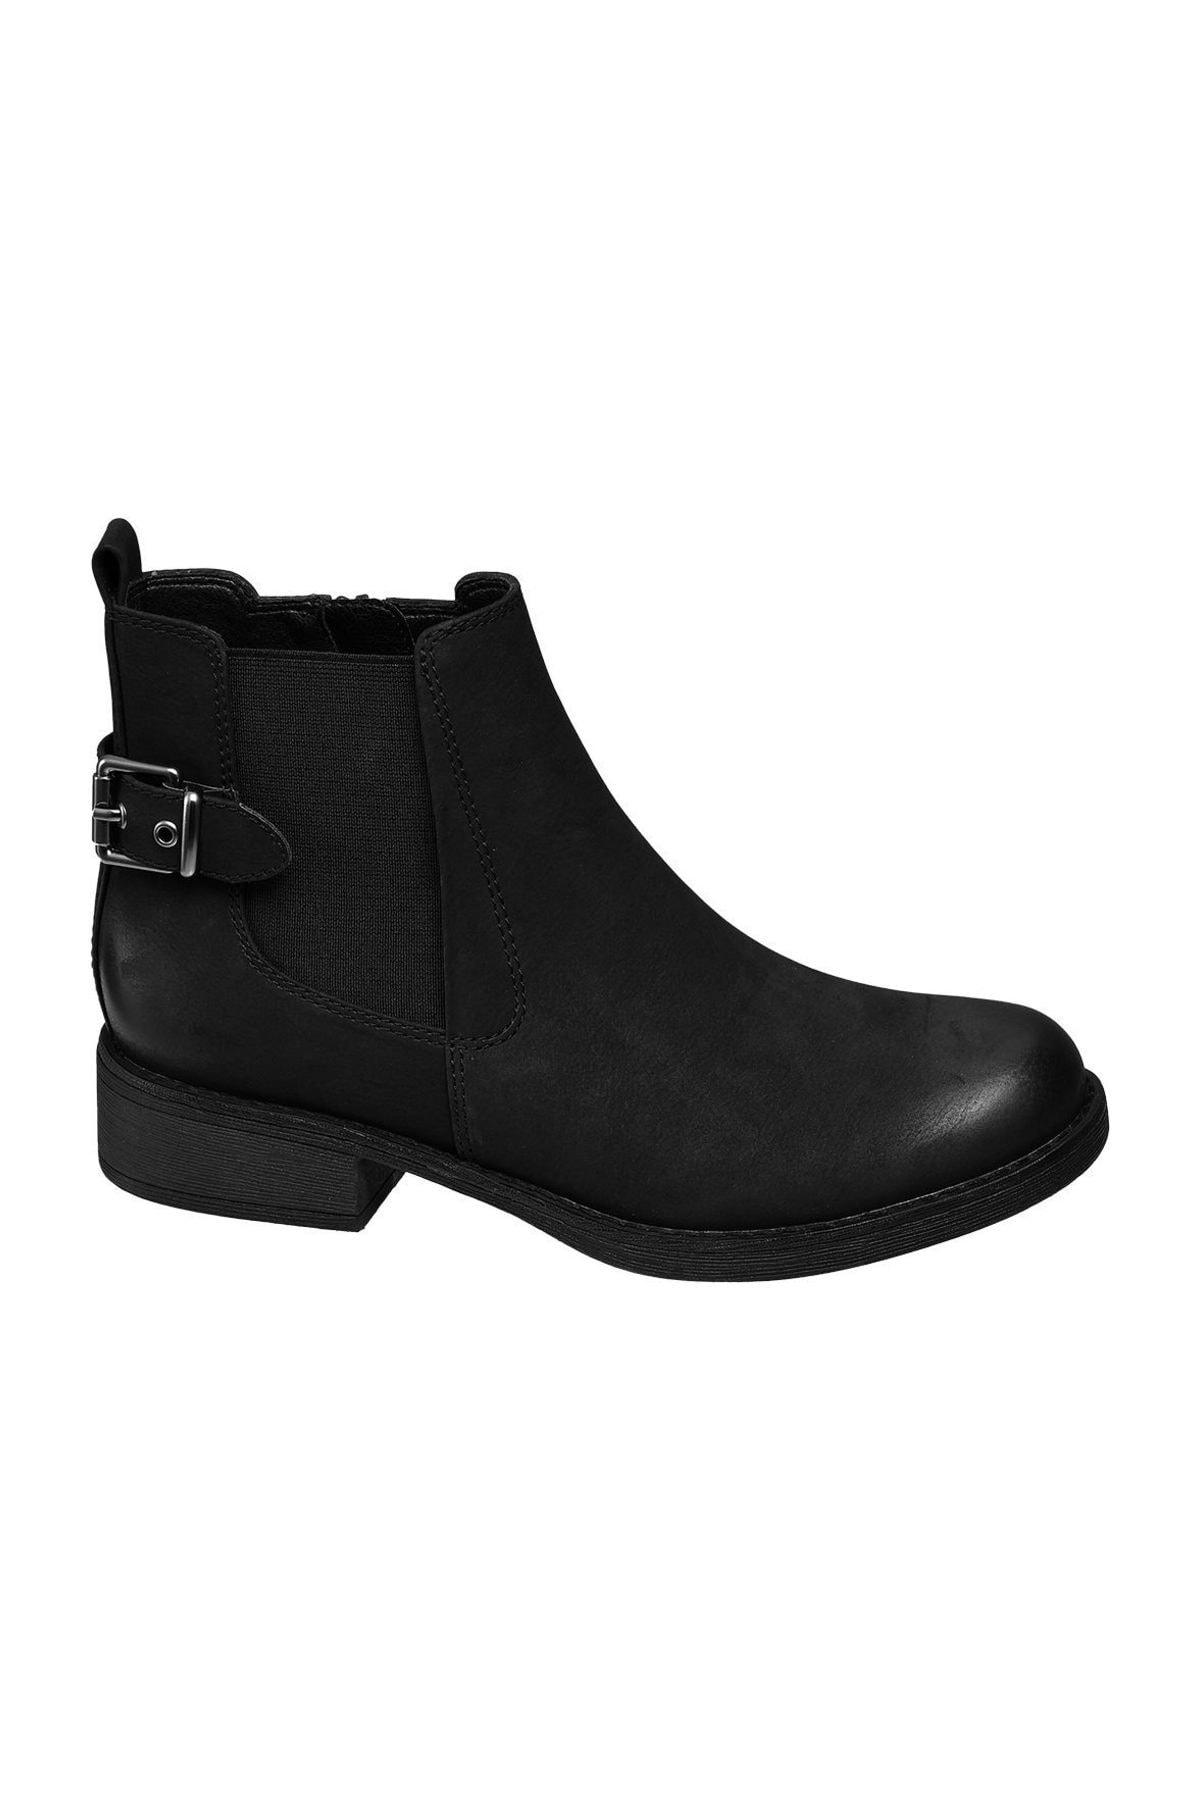 Graceland Deichmann Siyah Kadın Ayakkabı 1